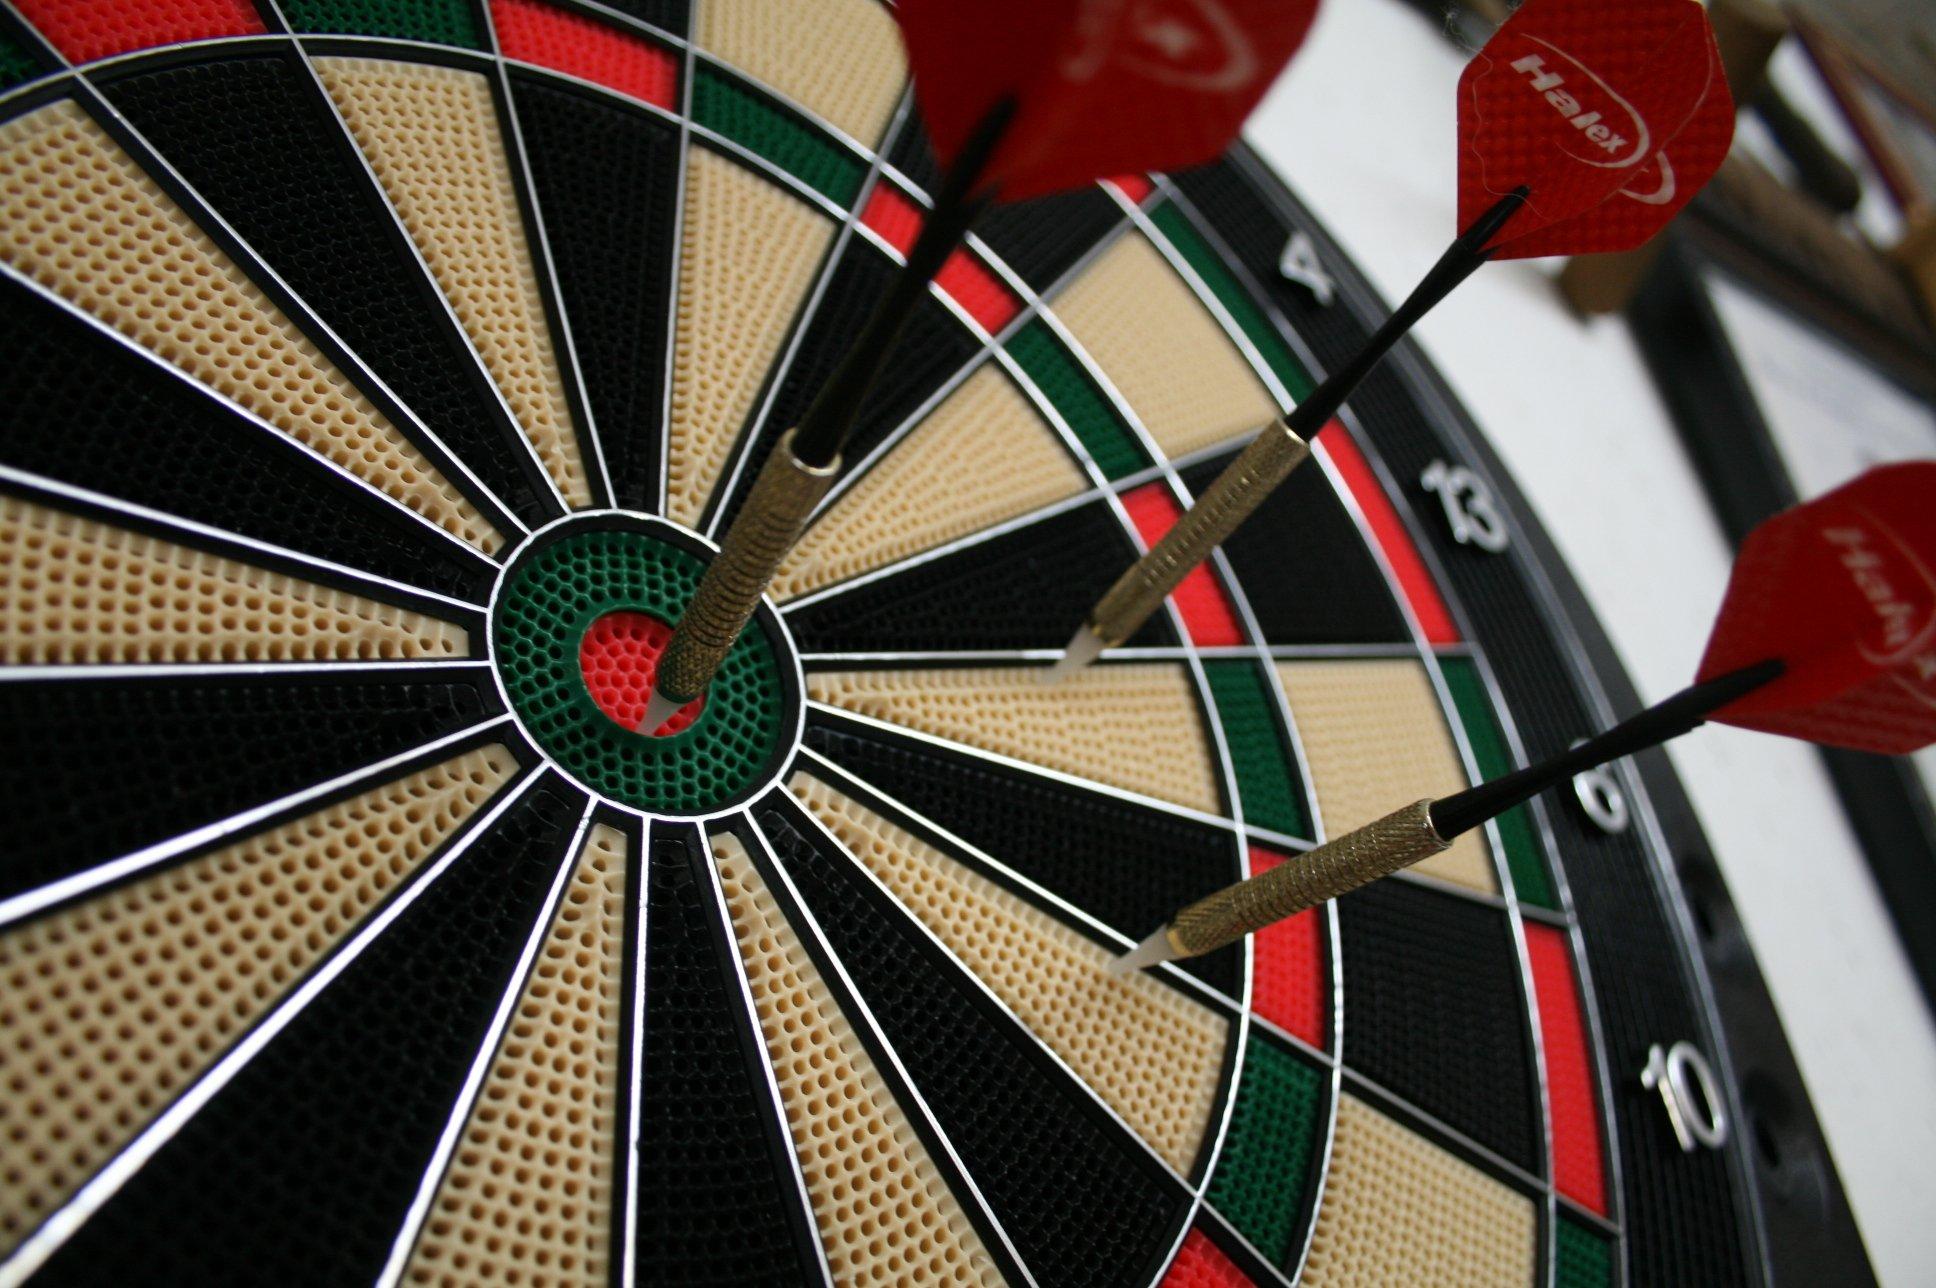 darts hd wallpaper 57868